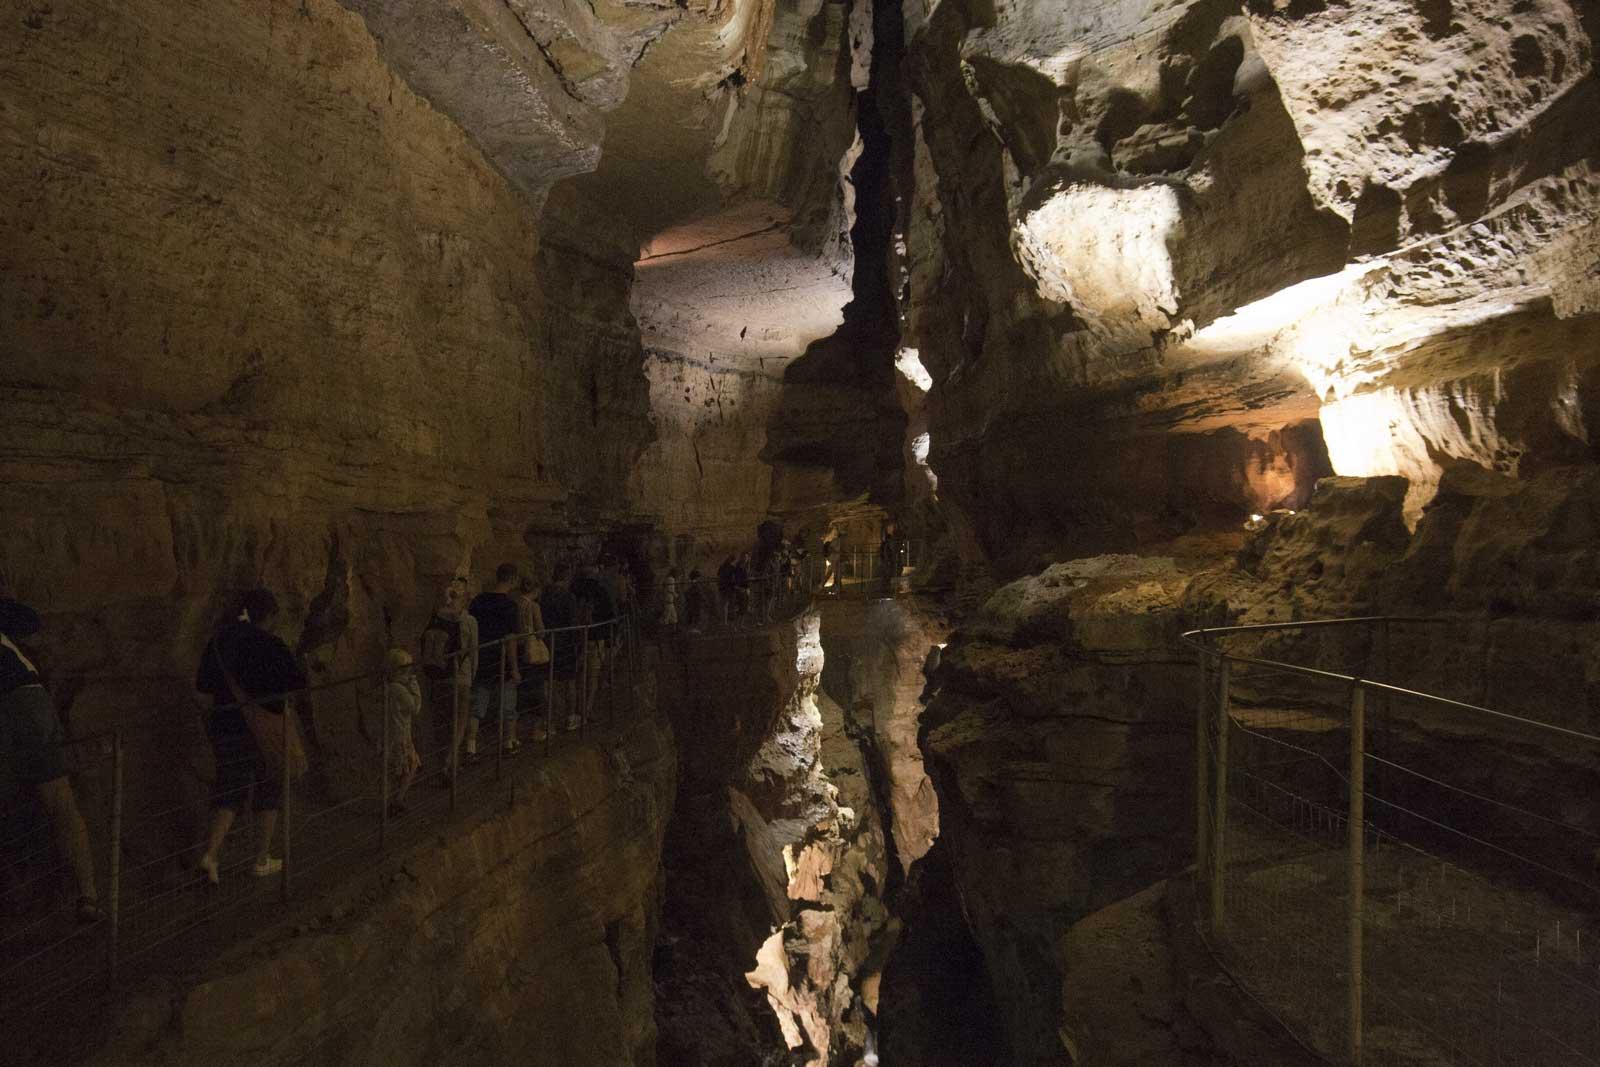 De grot Abîme-de-Bramabiau in het zuiden van Frankrijk